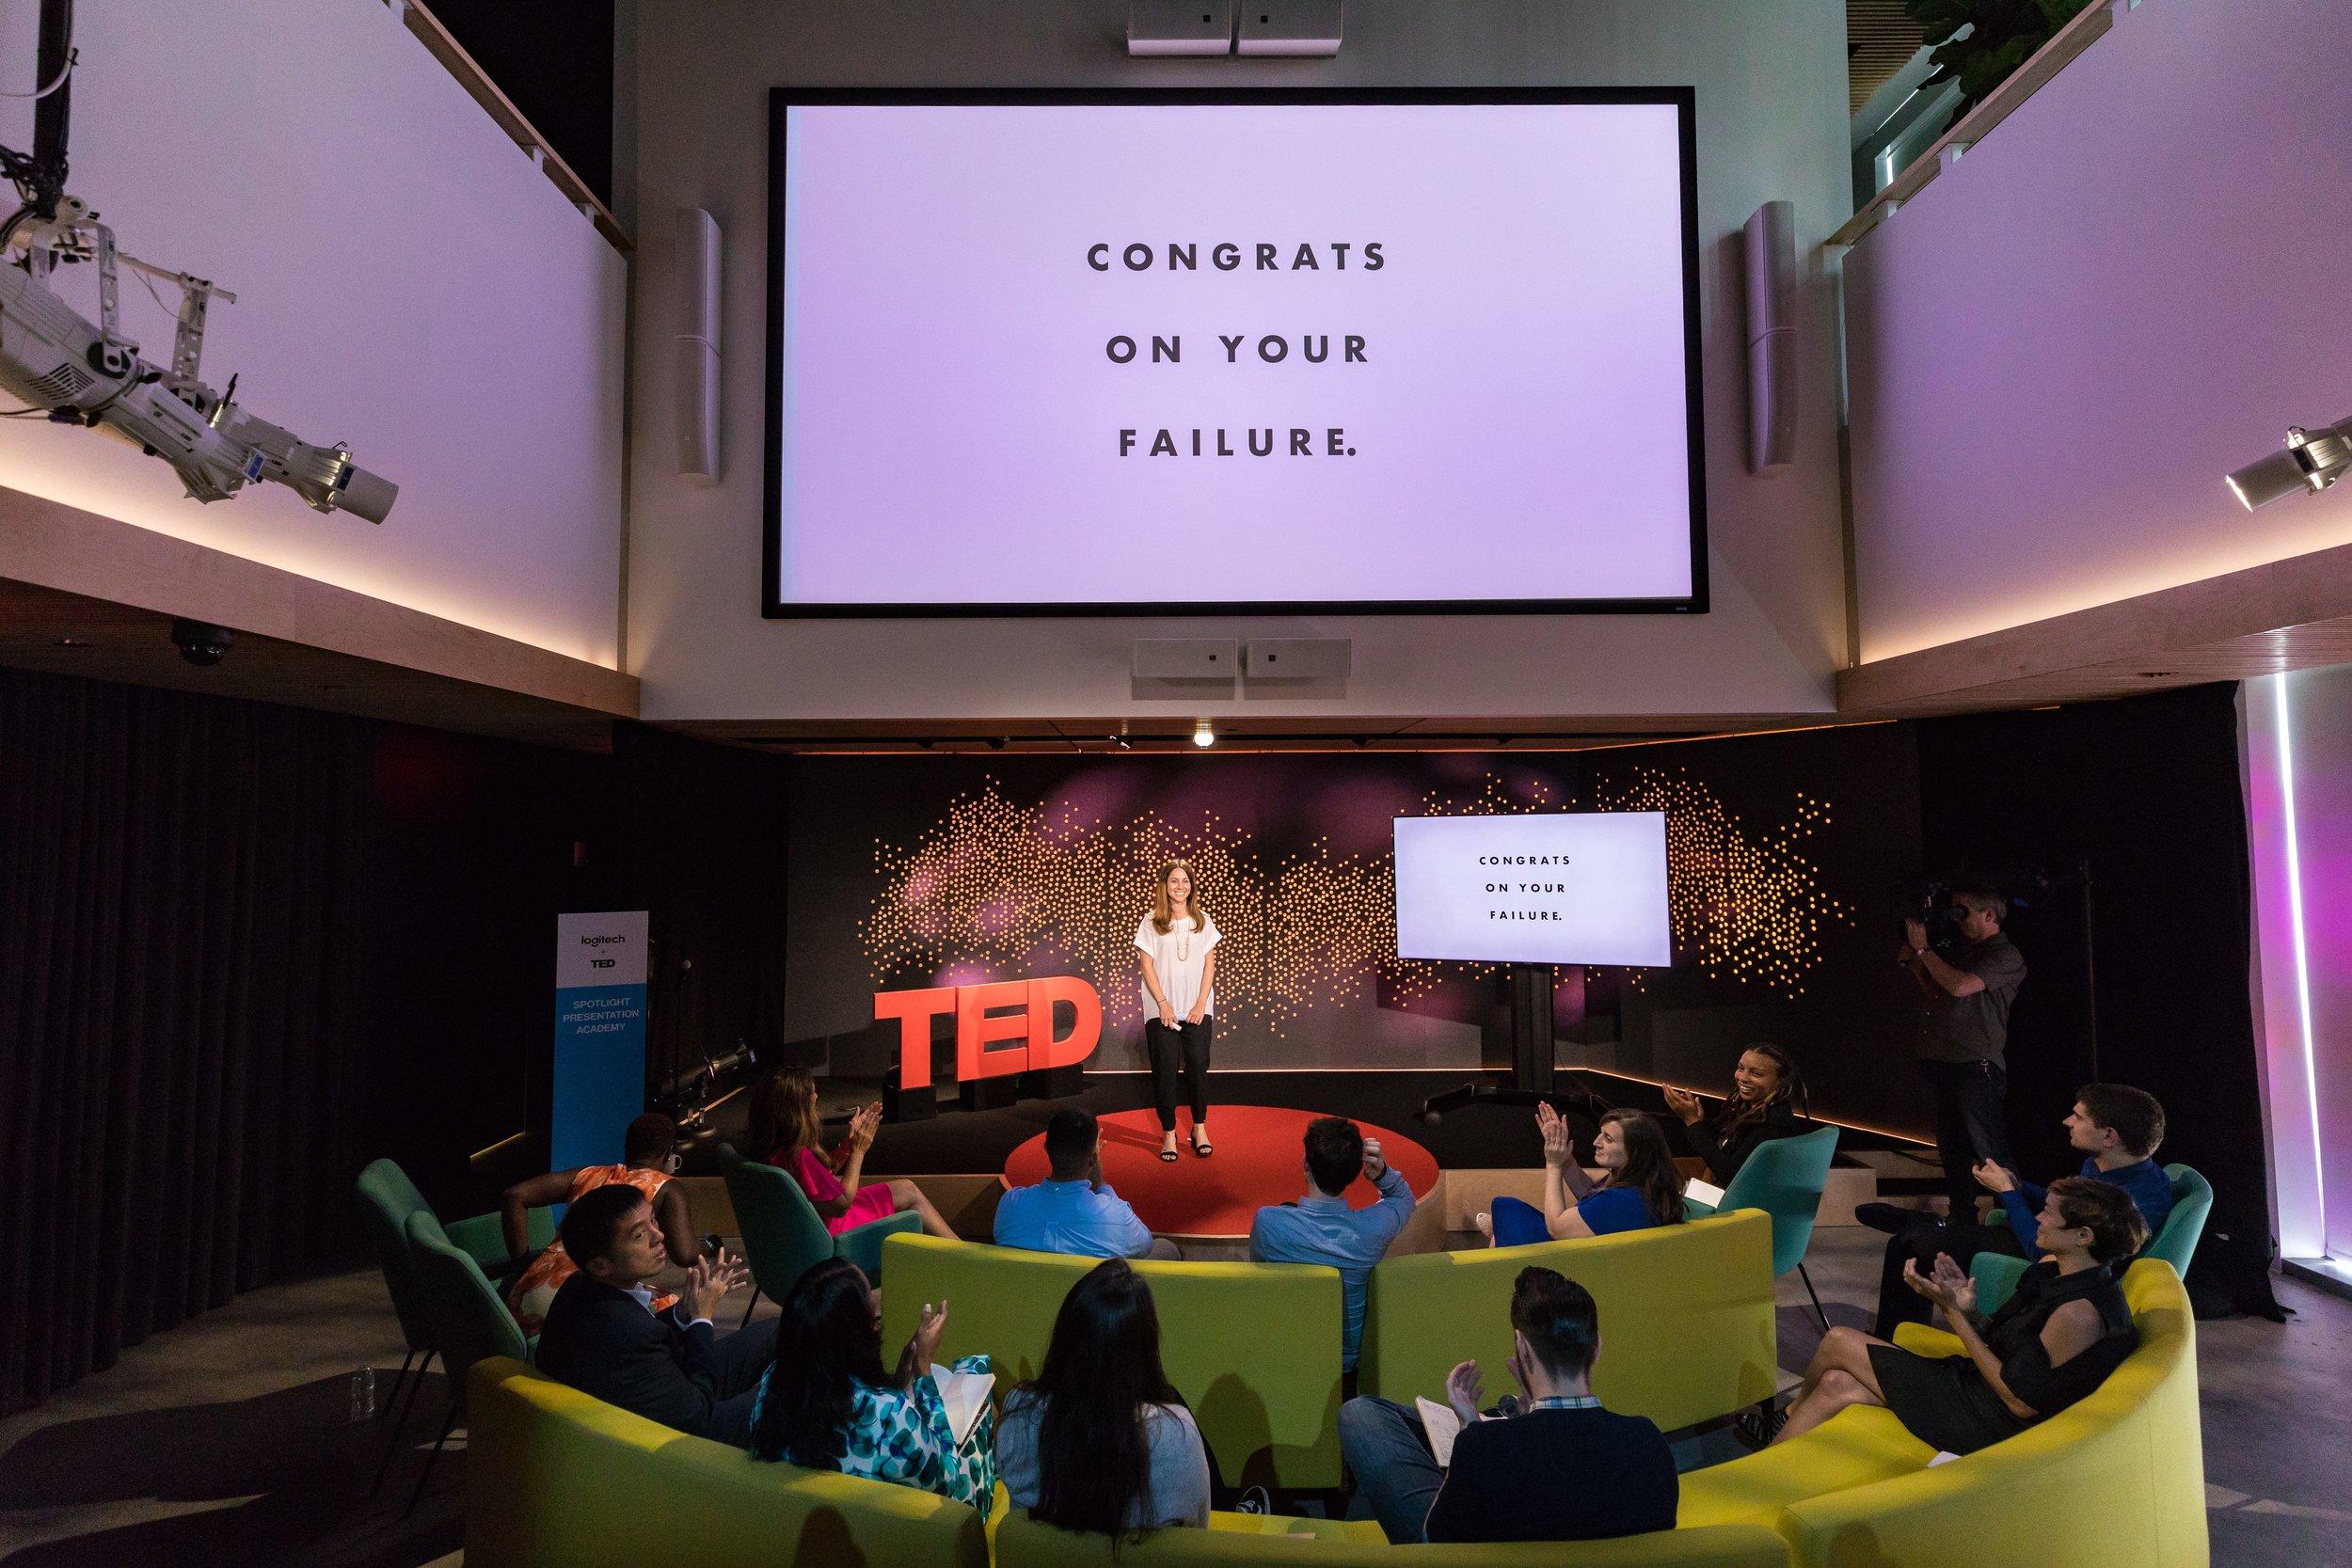 TEDNYC_20170717_RL_0I3A9396 copy.jpg